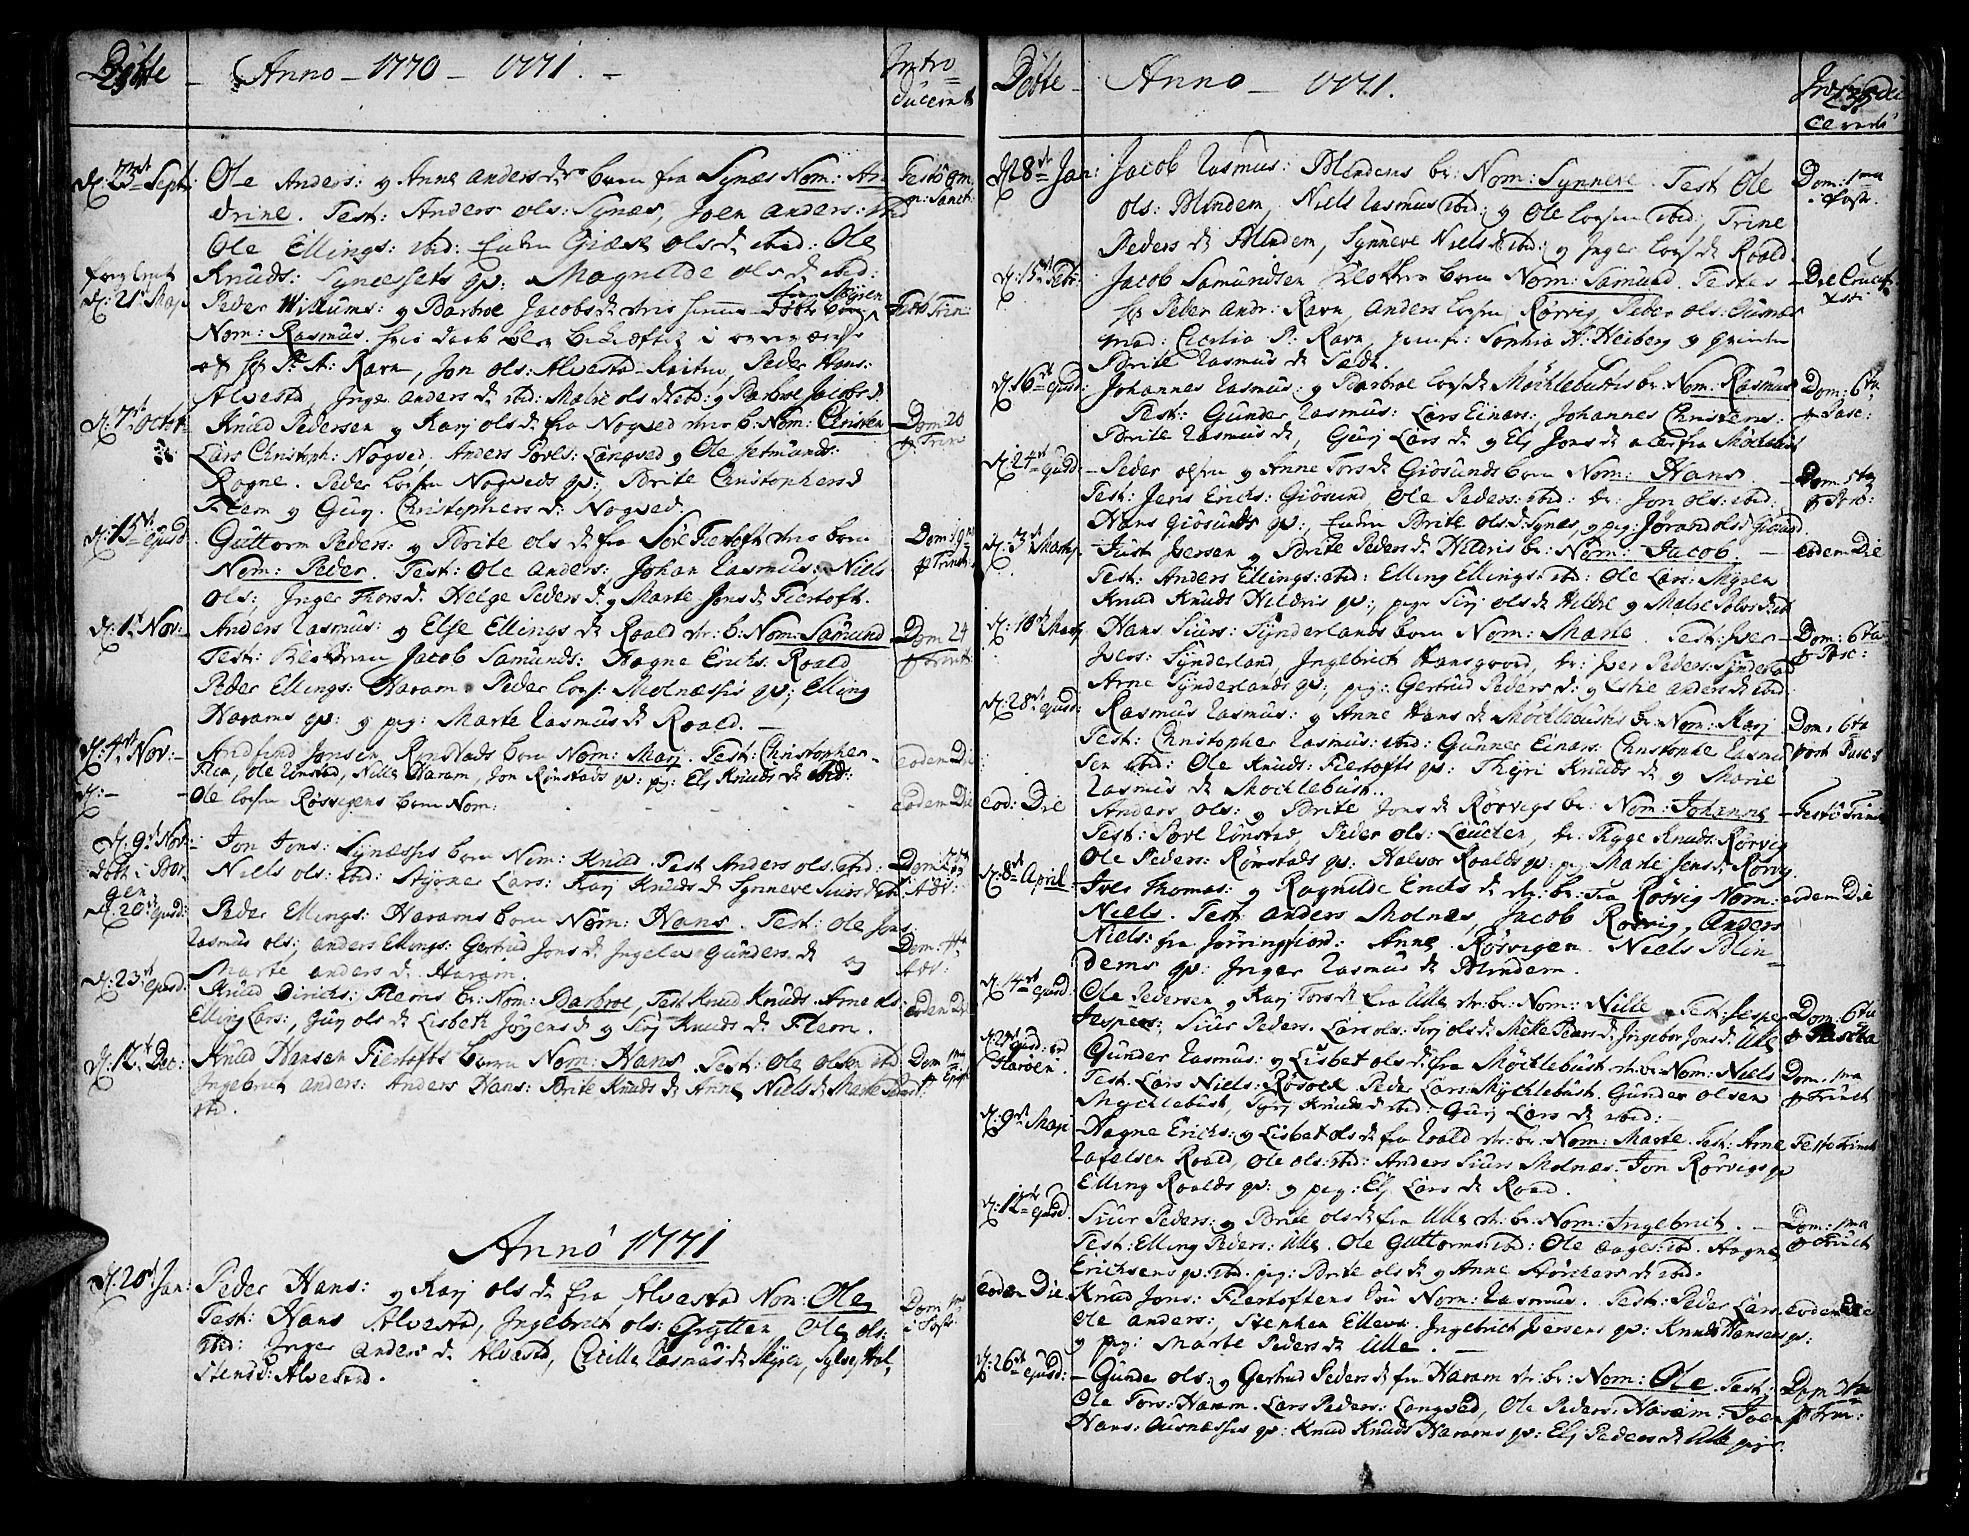 SAT, Ministerialprotokoller, klokkerbøker og fødselsregistre - Møre og Romsdal, 536/L0493: Ministerialbok nr. 536A02, 1739-1802, s. 234-235